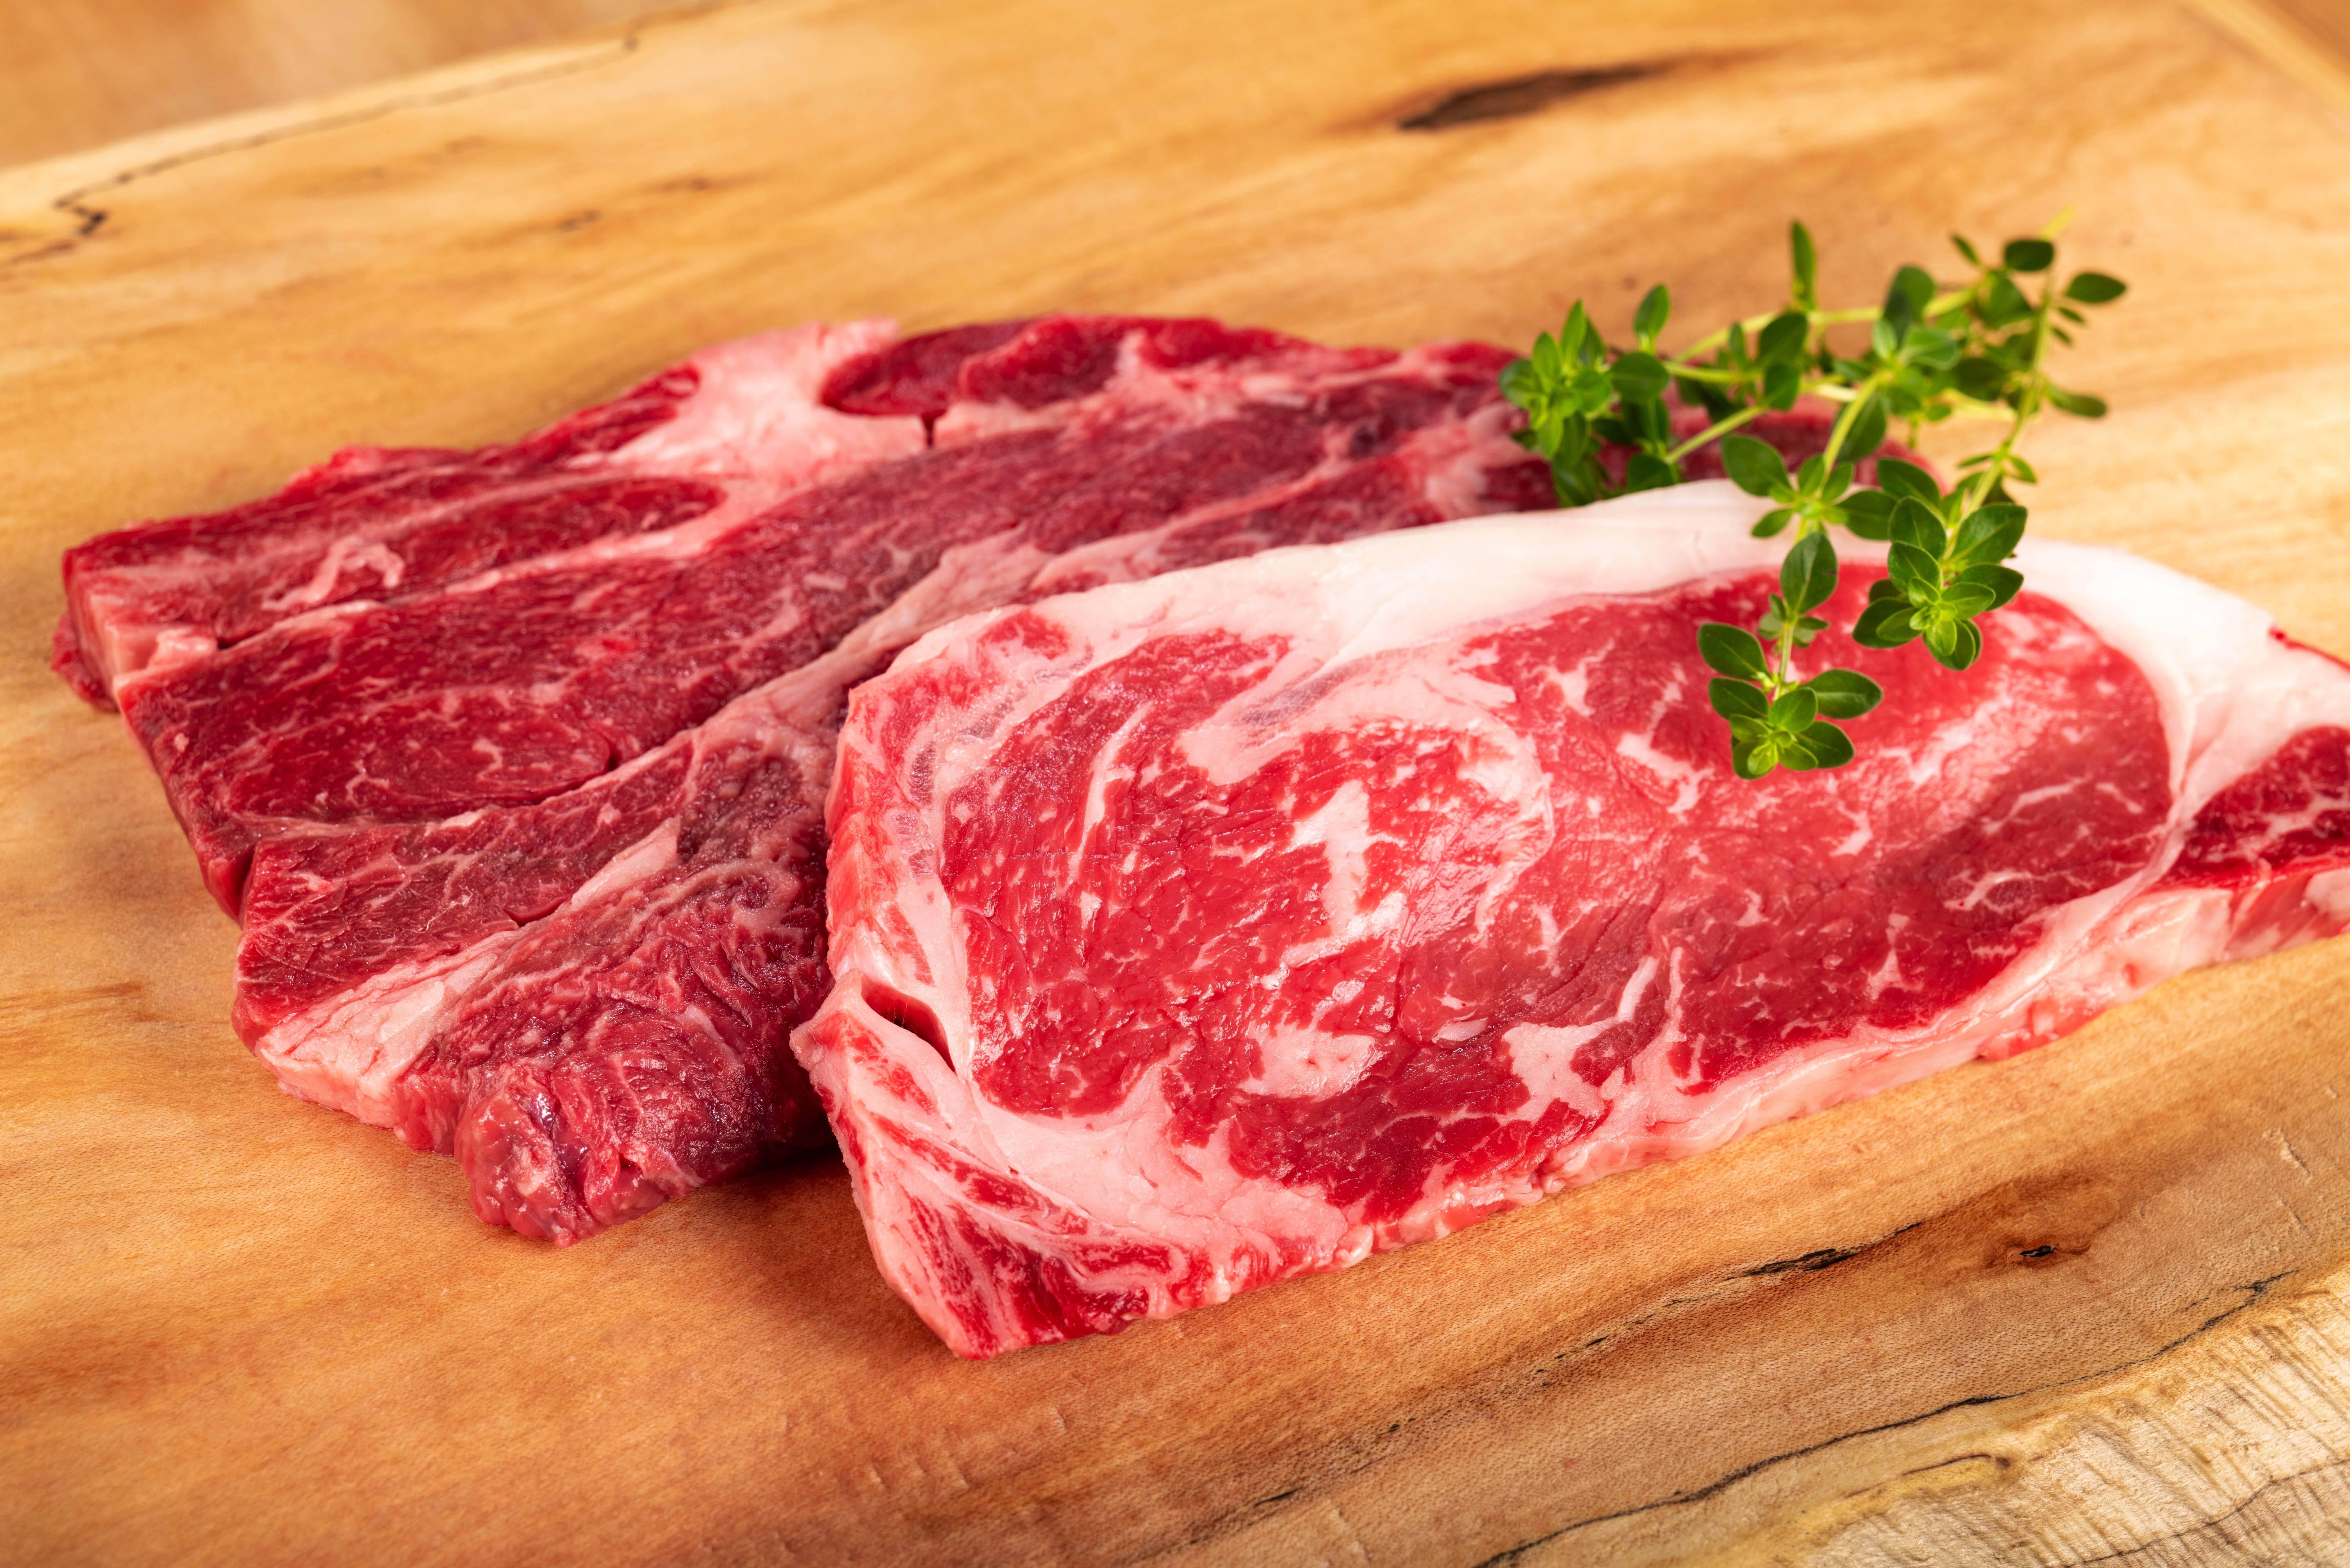 【ステーキ食べ比べセット】山形村短角牛特選ステーキ2部位食べ比べ2人前程度